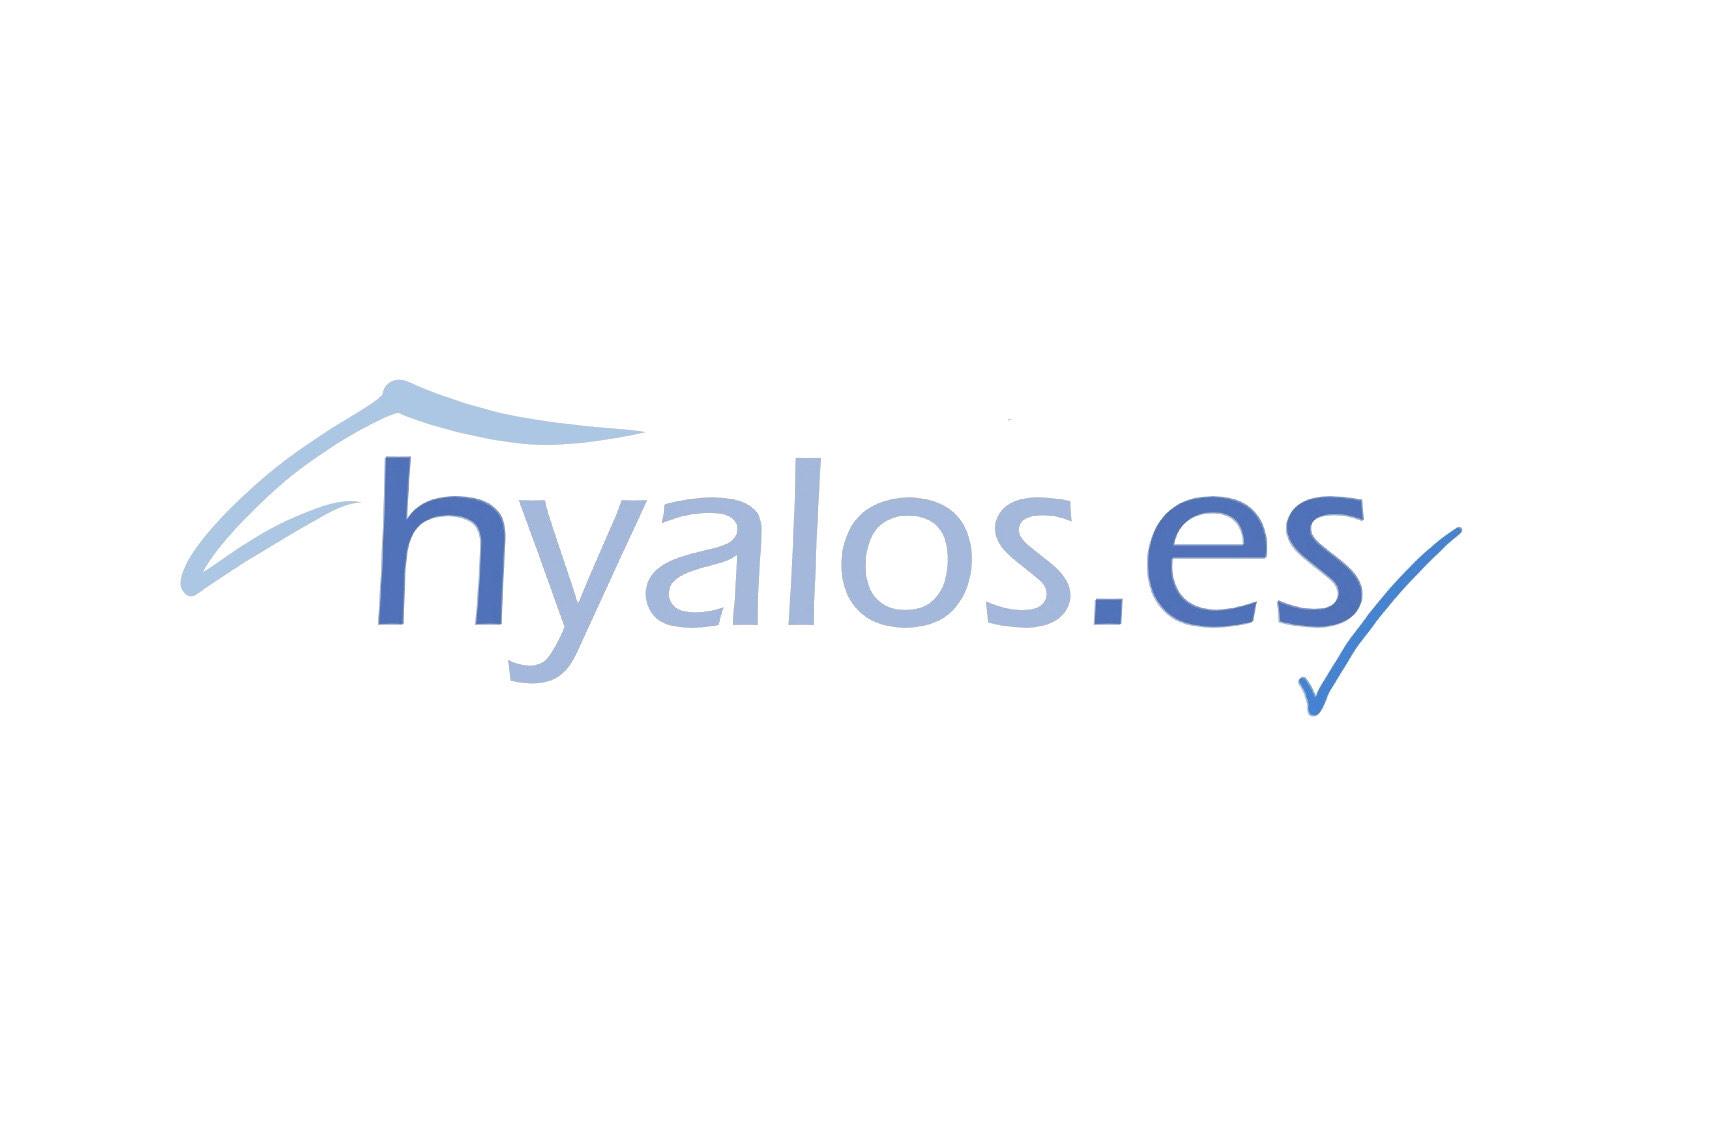 Hyalos.es